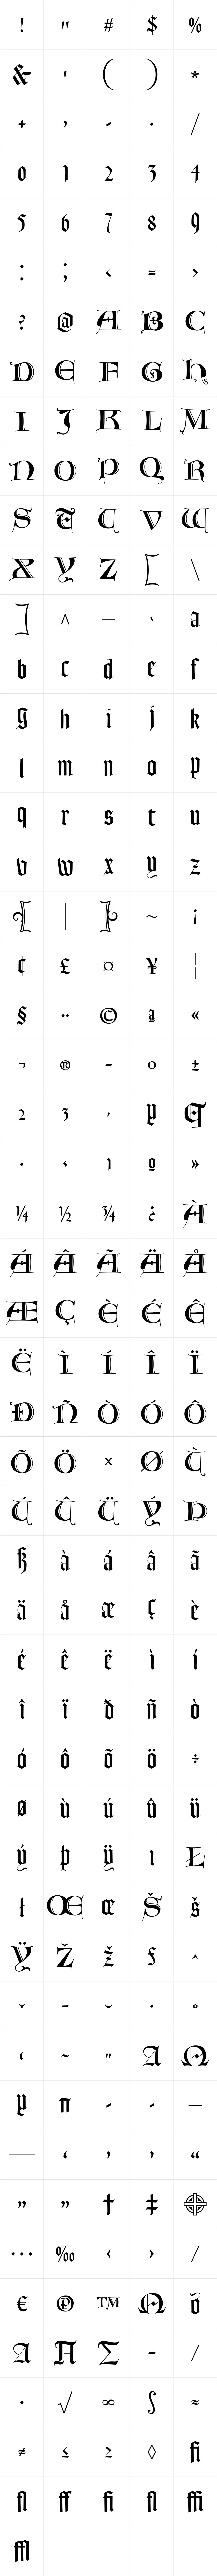 LTC Goudy Text Lombardic Caps